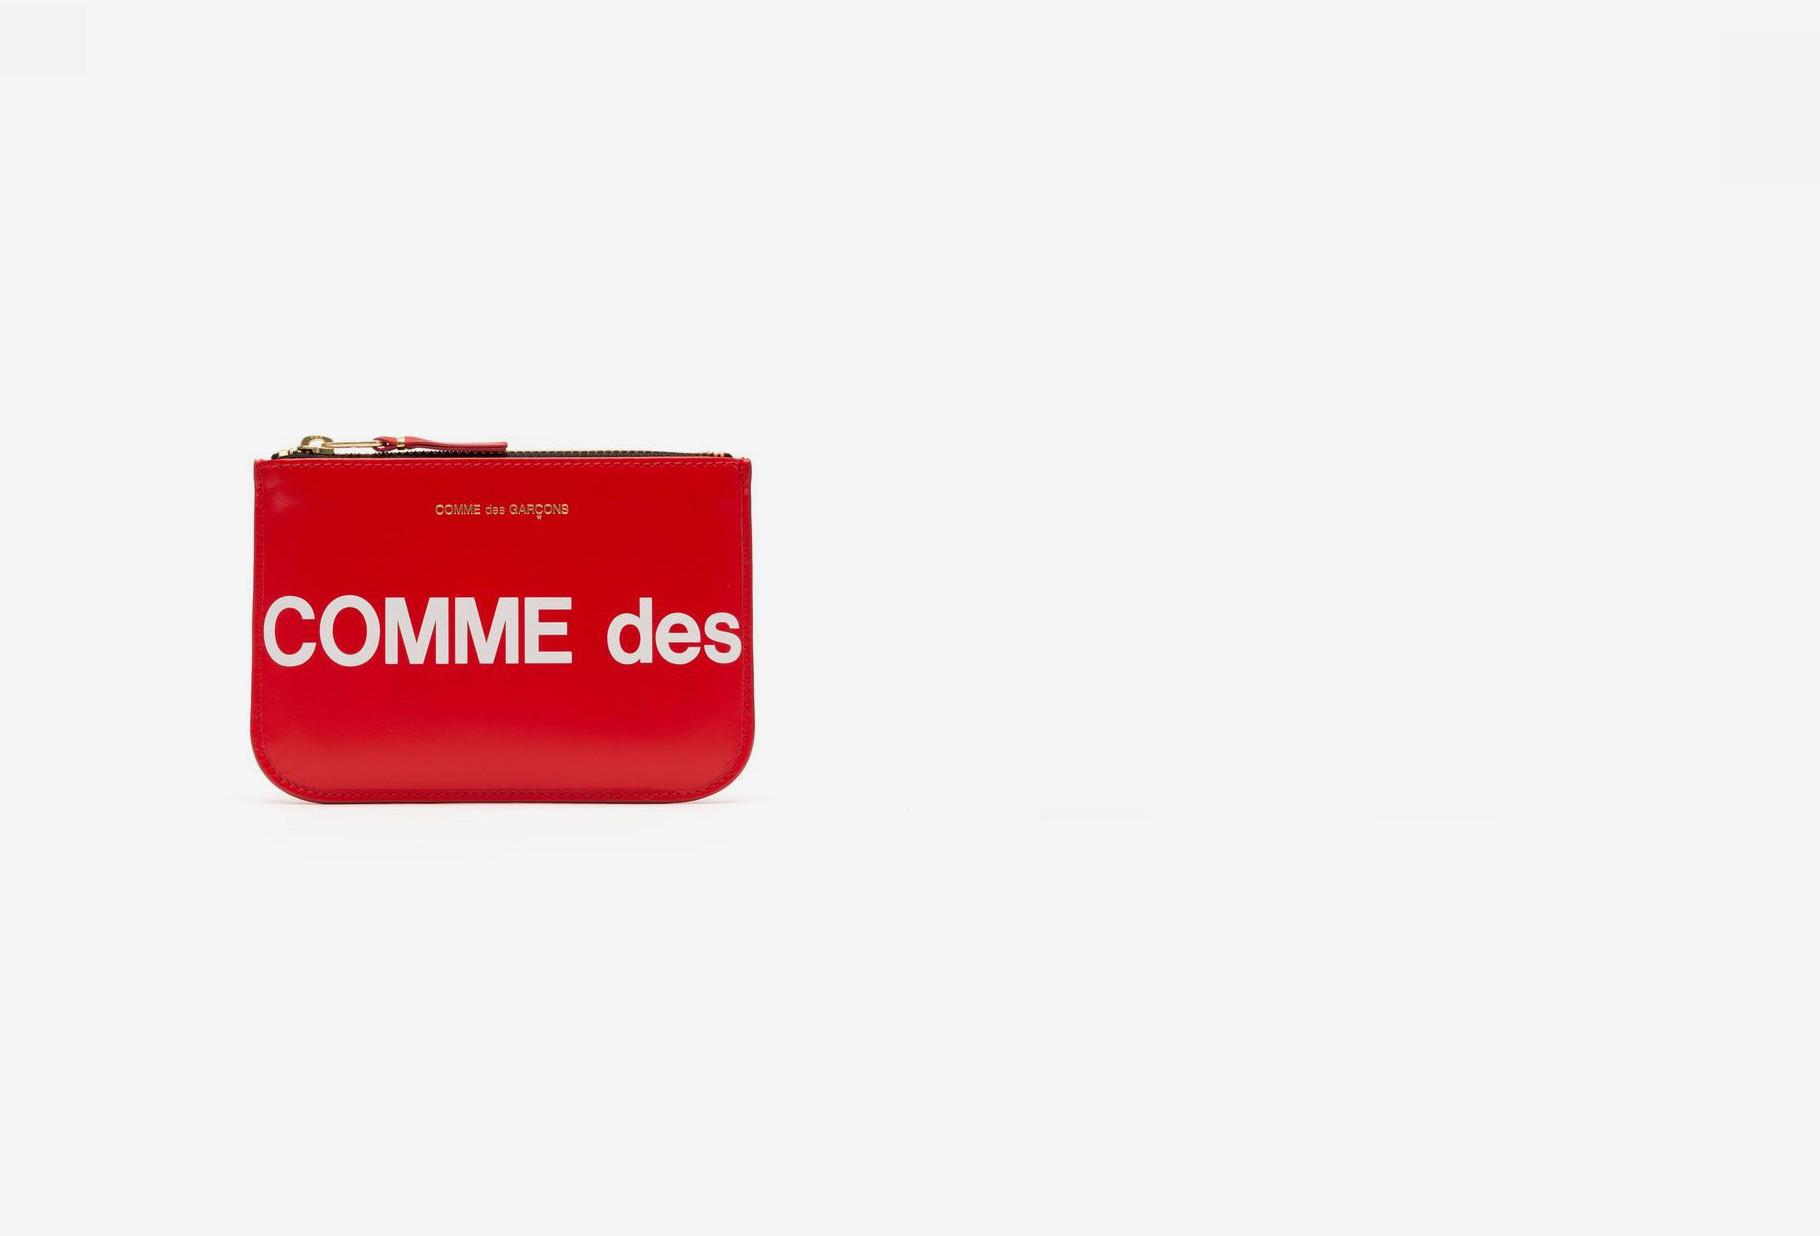 COMME DES GARÇONS WALLETS / Cdg huge logo wallet sa8100hl Red